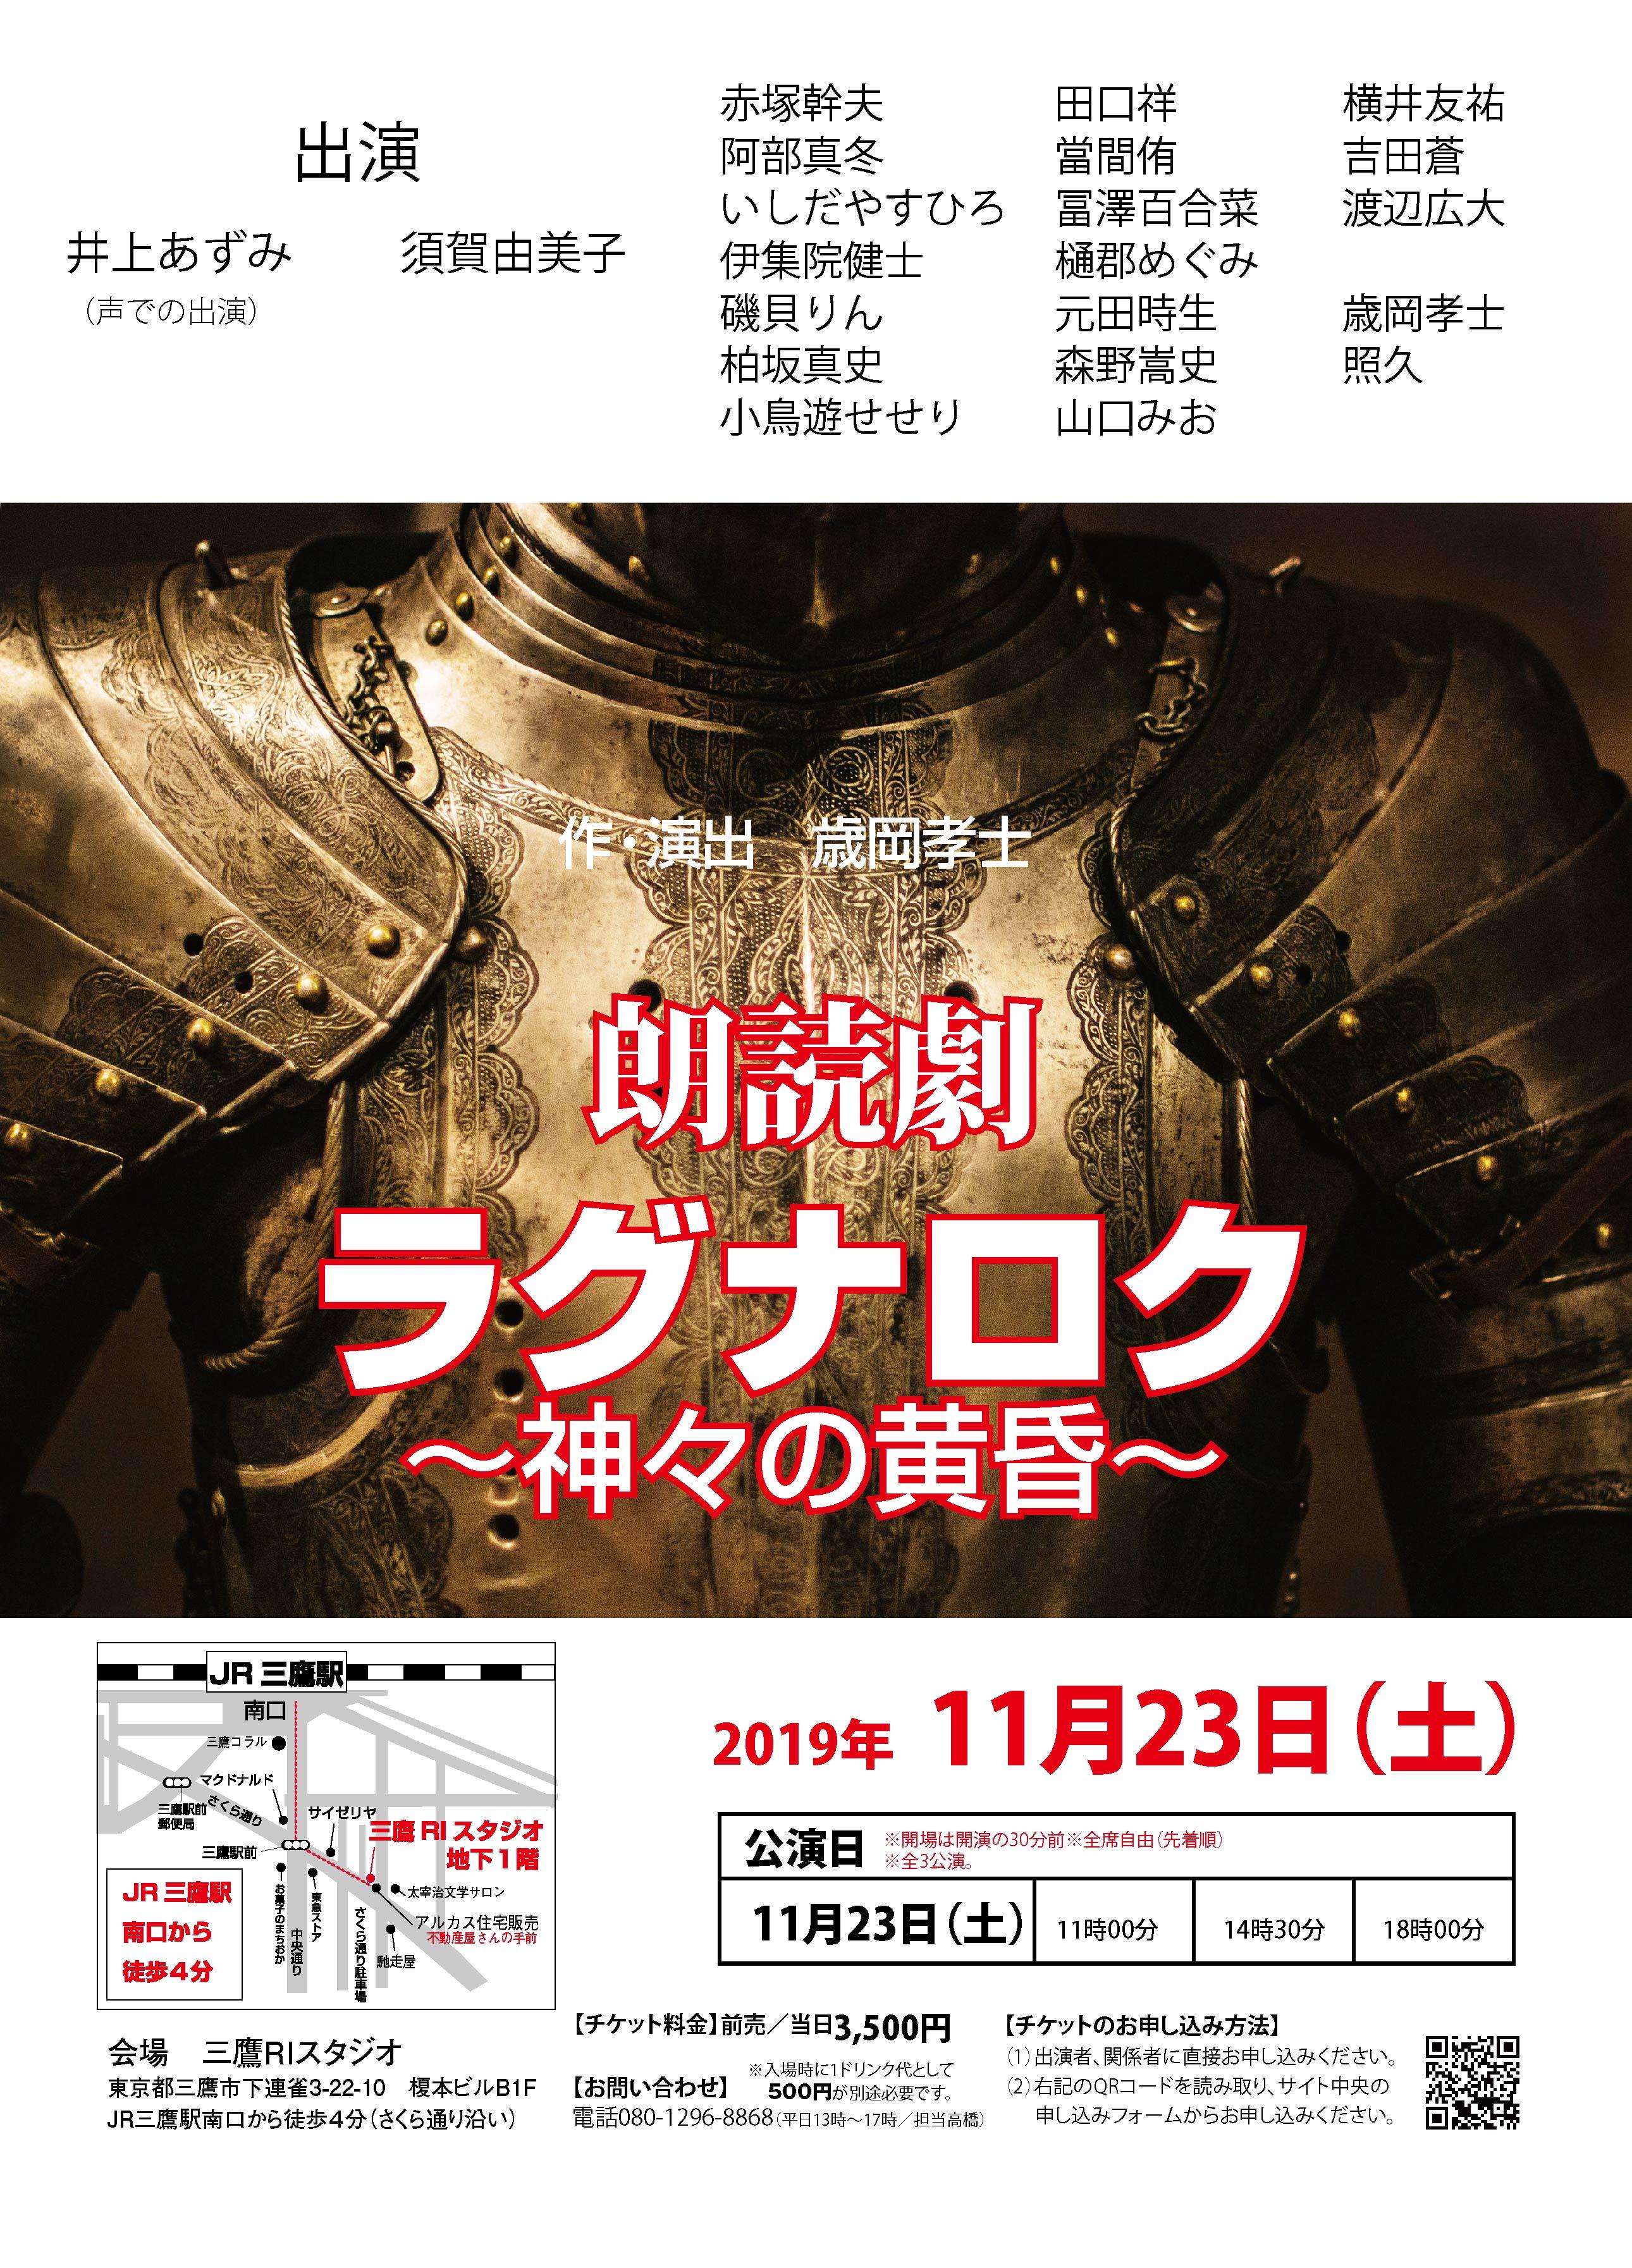 朗読劇「ラグナロク〜神々の黄昏〜」【公演日11月23日(土)】